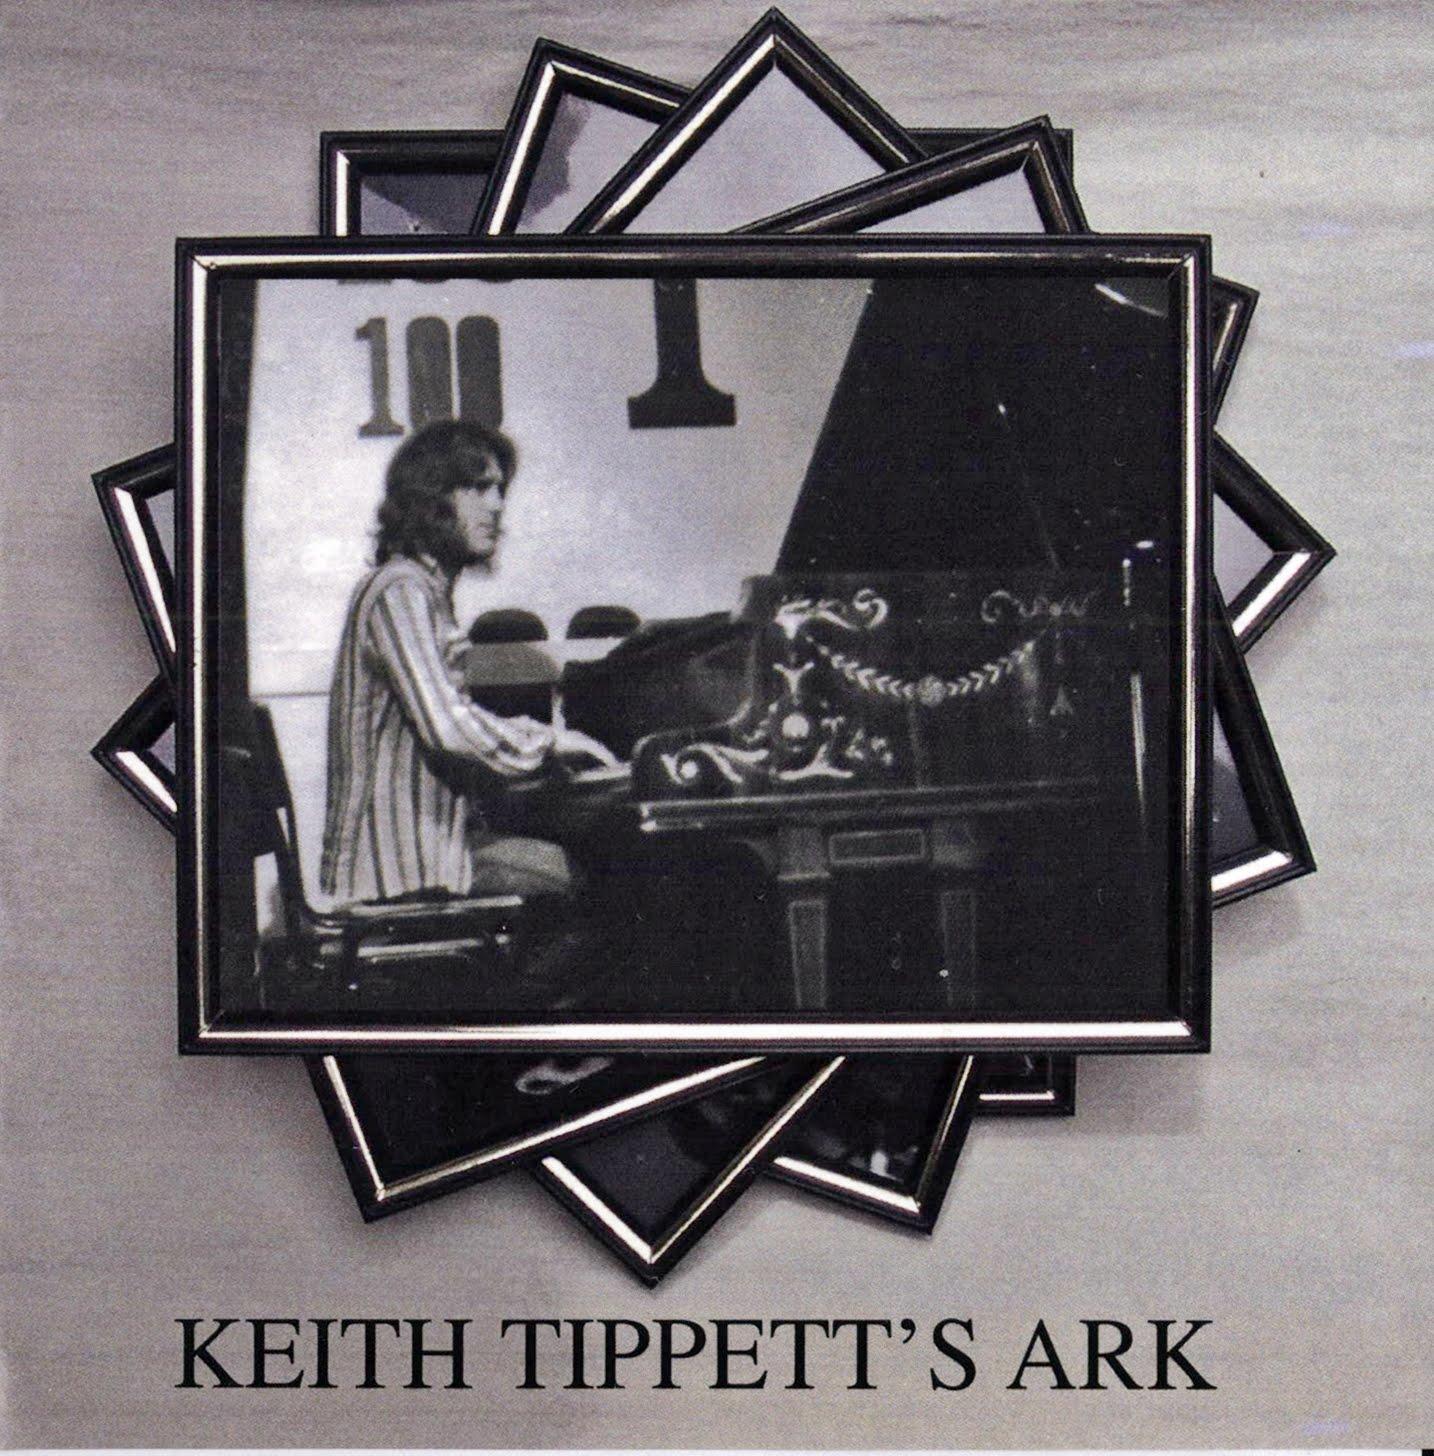 KeithTippettsArk1976-05-24_100ClubOxfordStreetLondonUK.jpg